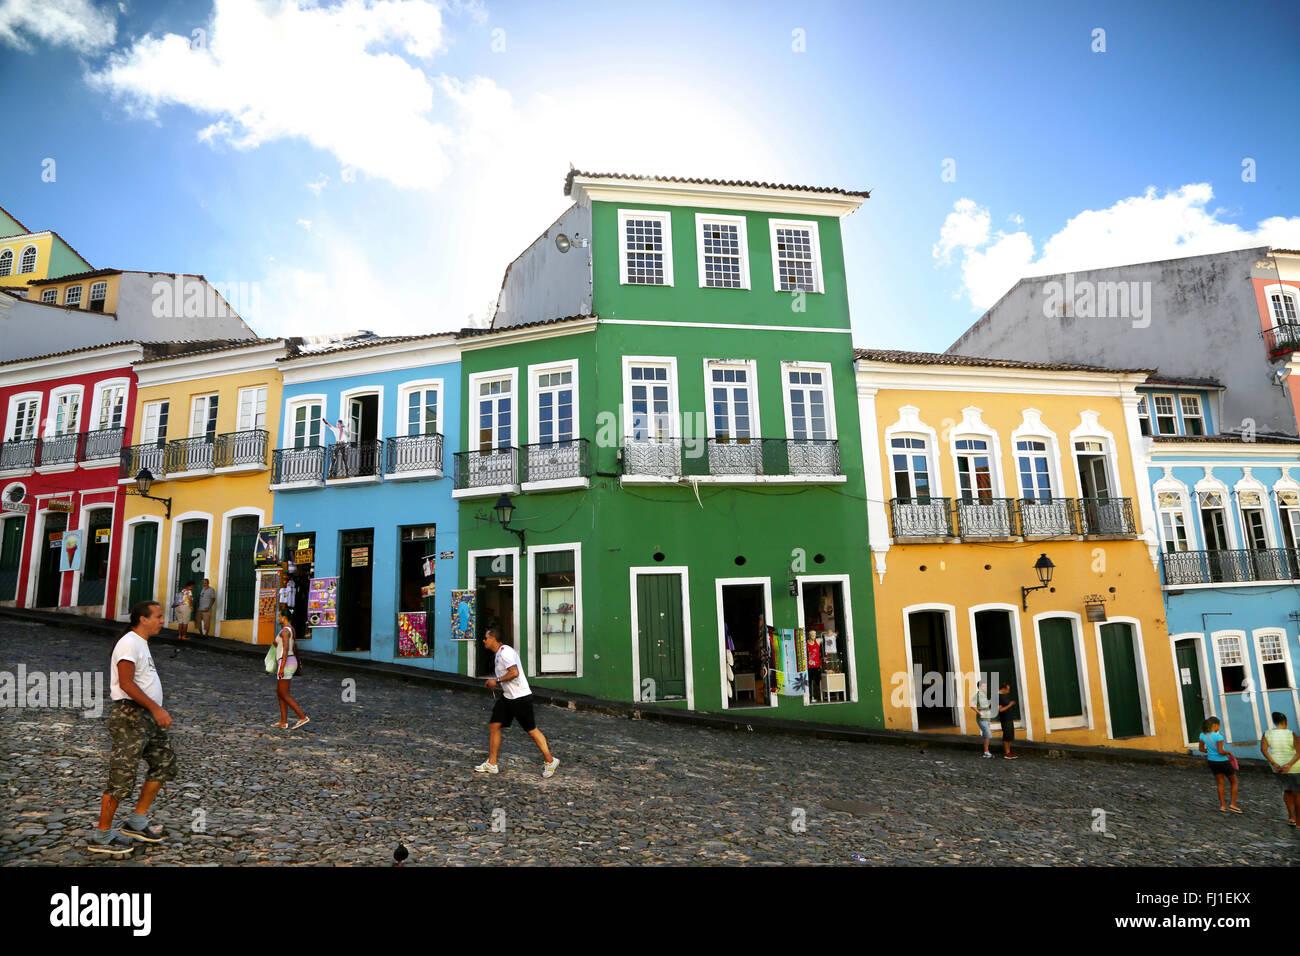 Largo Pelourinho ist ein historisches Viertel in der westlichen Zone von Salvador de Bahia, Brasilien. Stockbild